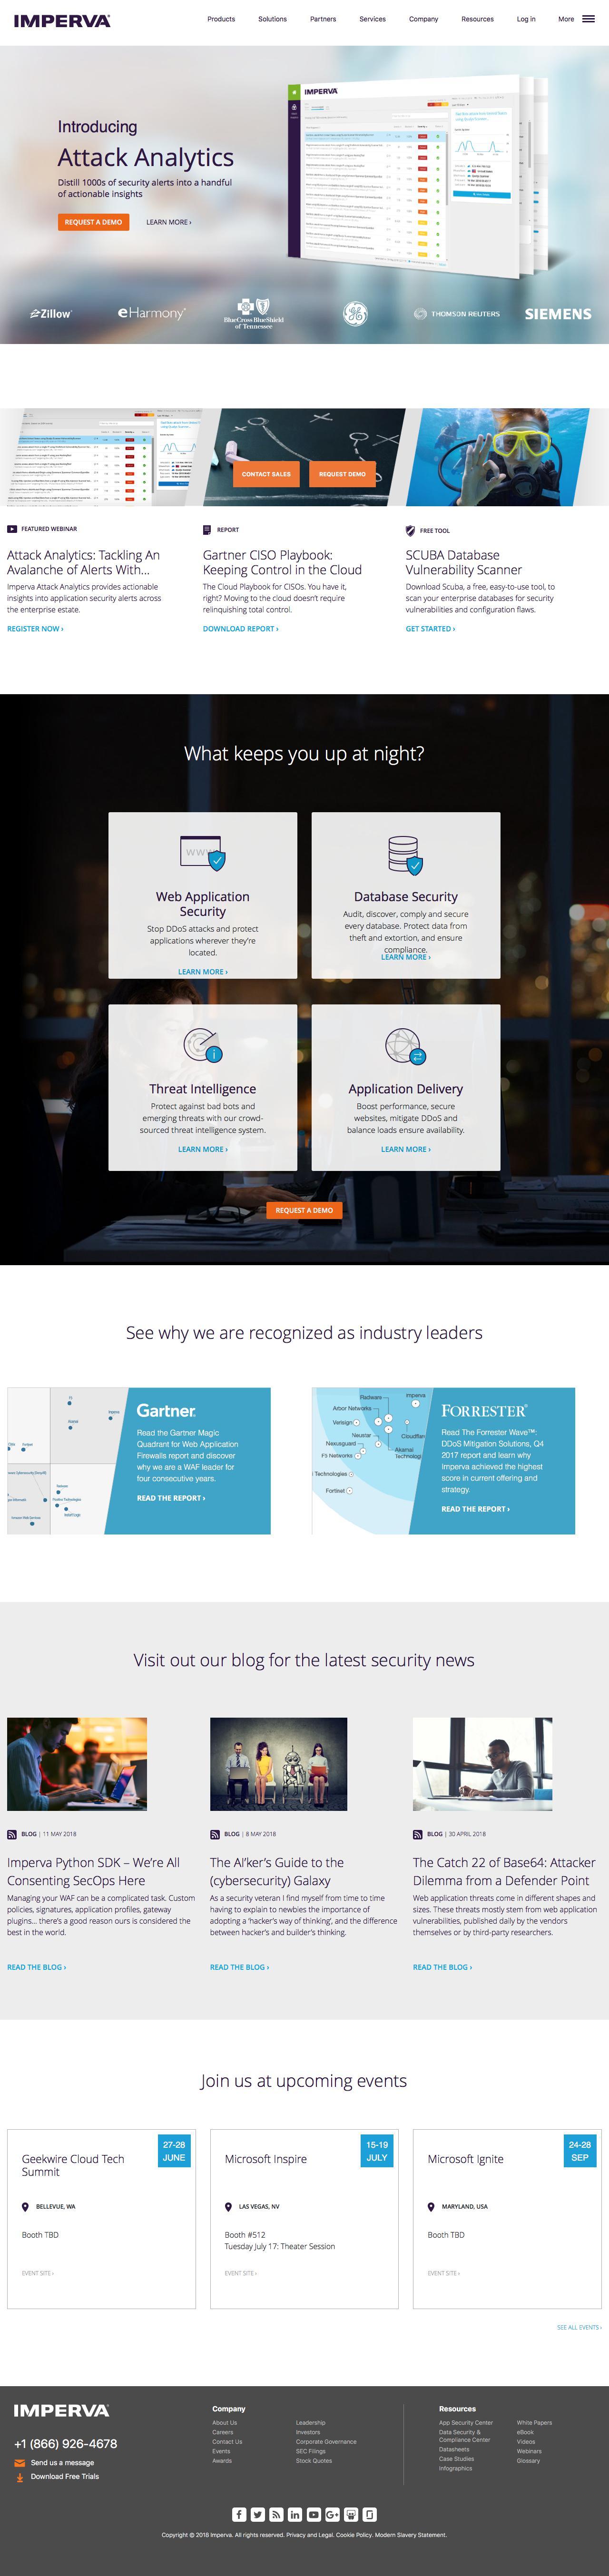 Screenshot of imperva.com - Cyber Security Leader | Imperva, Inc. - captured June 26, 2018